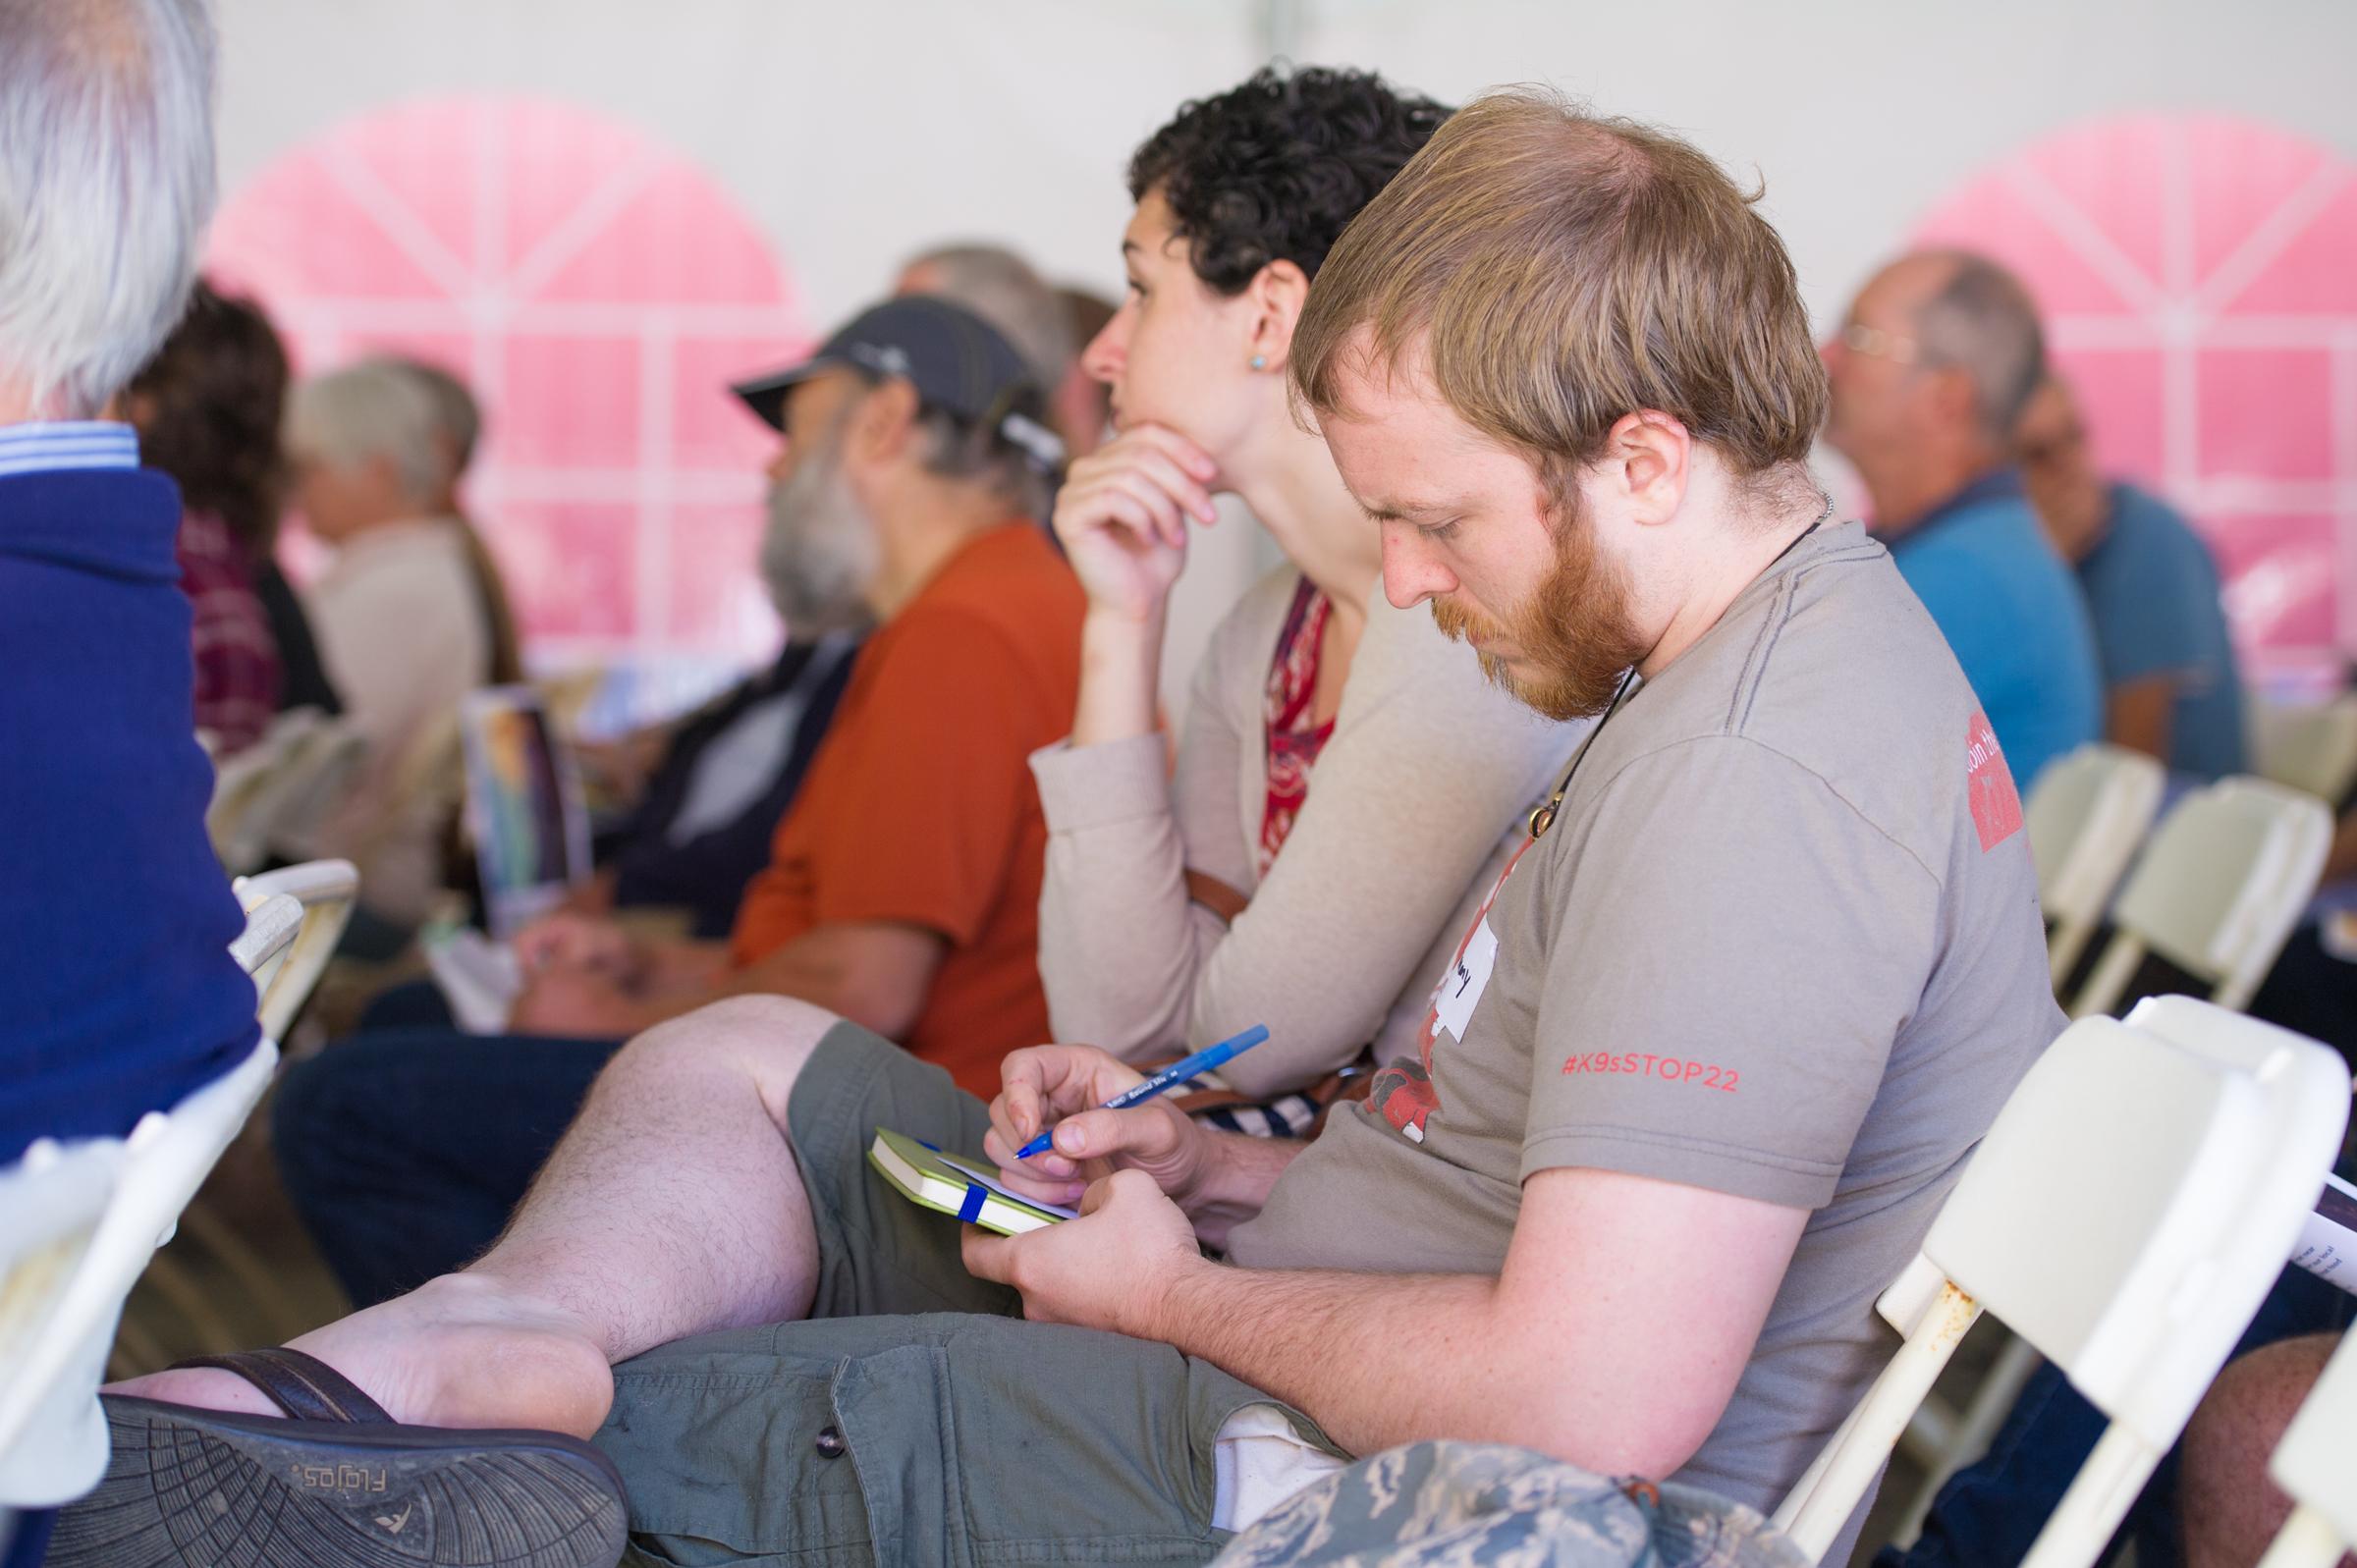 11_Audience.jpg